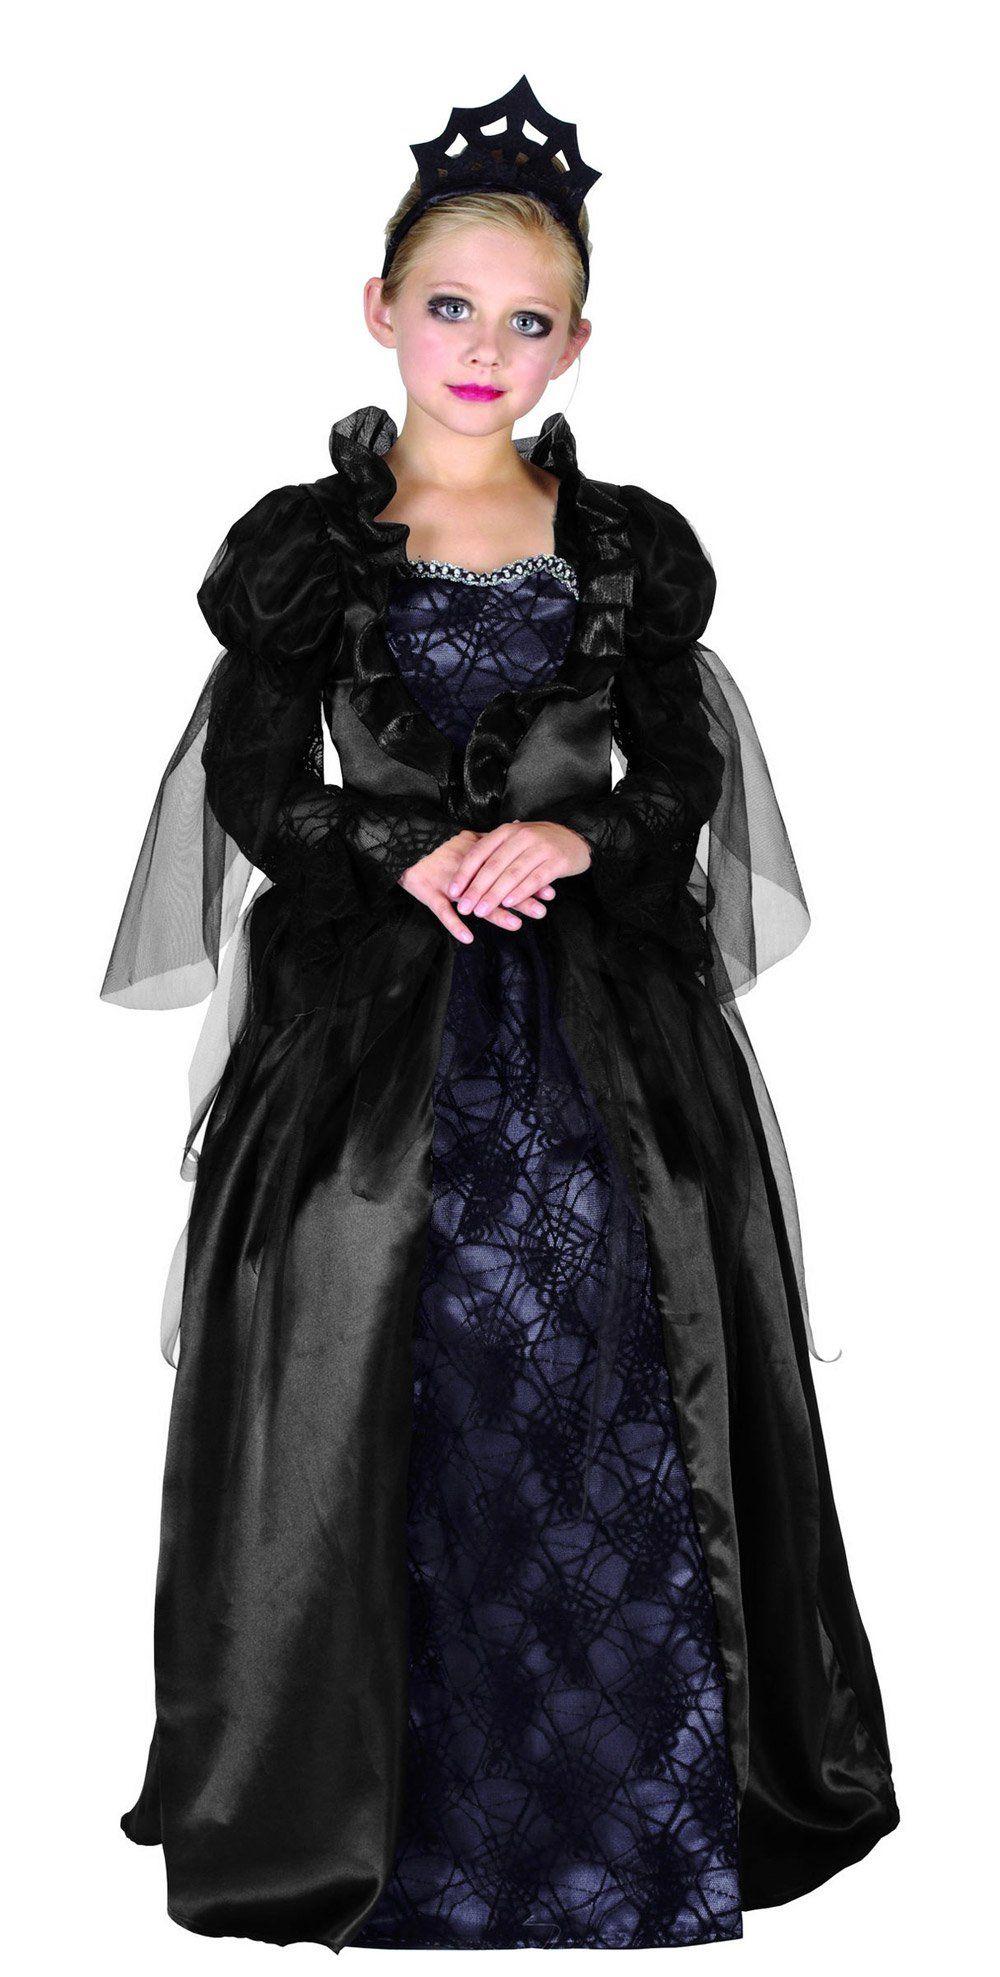 Disfraz de condesa para niña ideal para Halloween en 2019